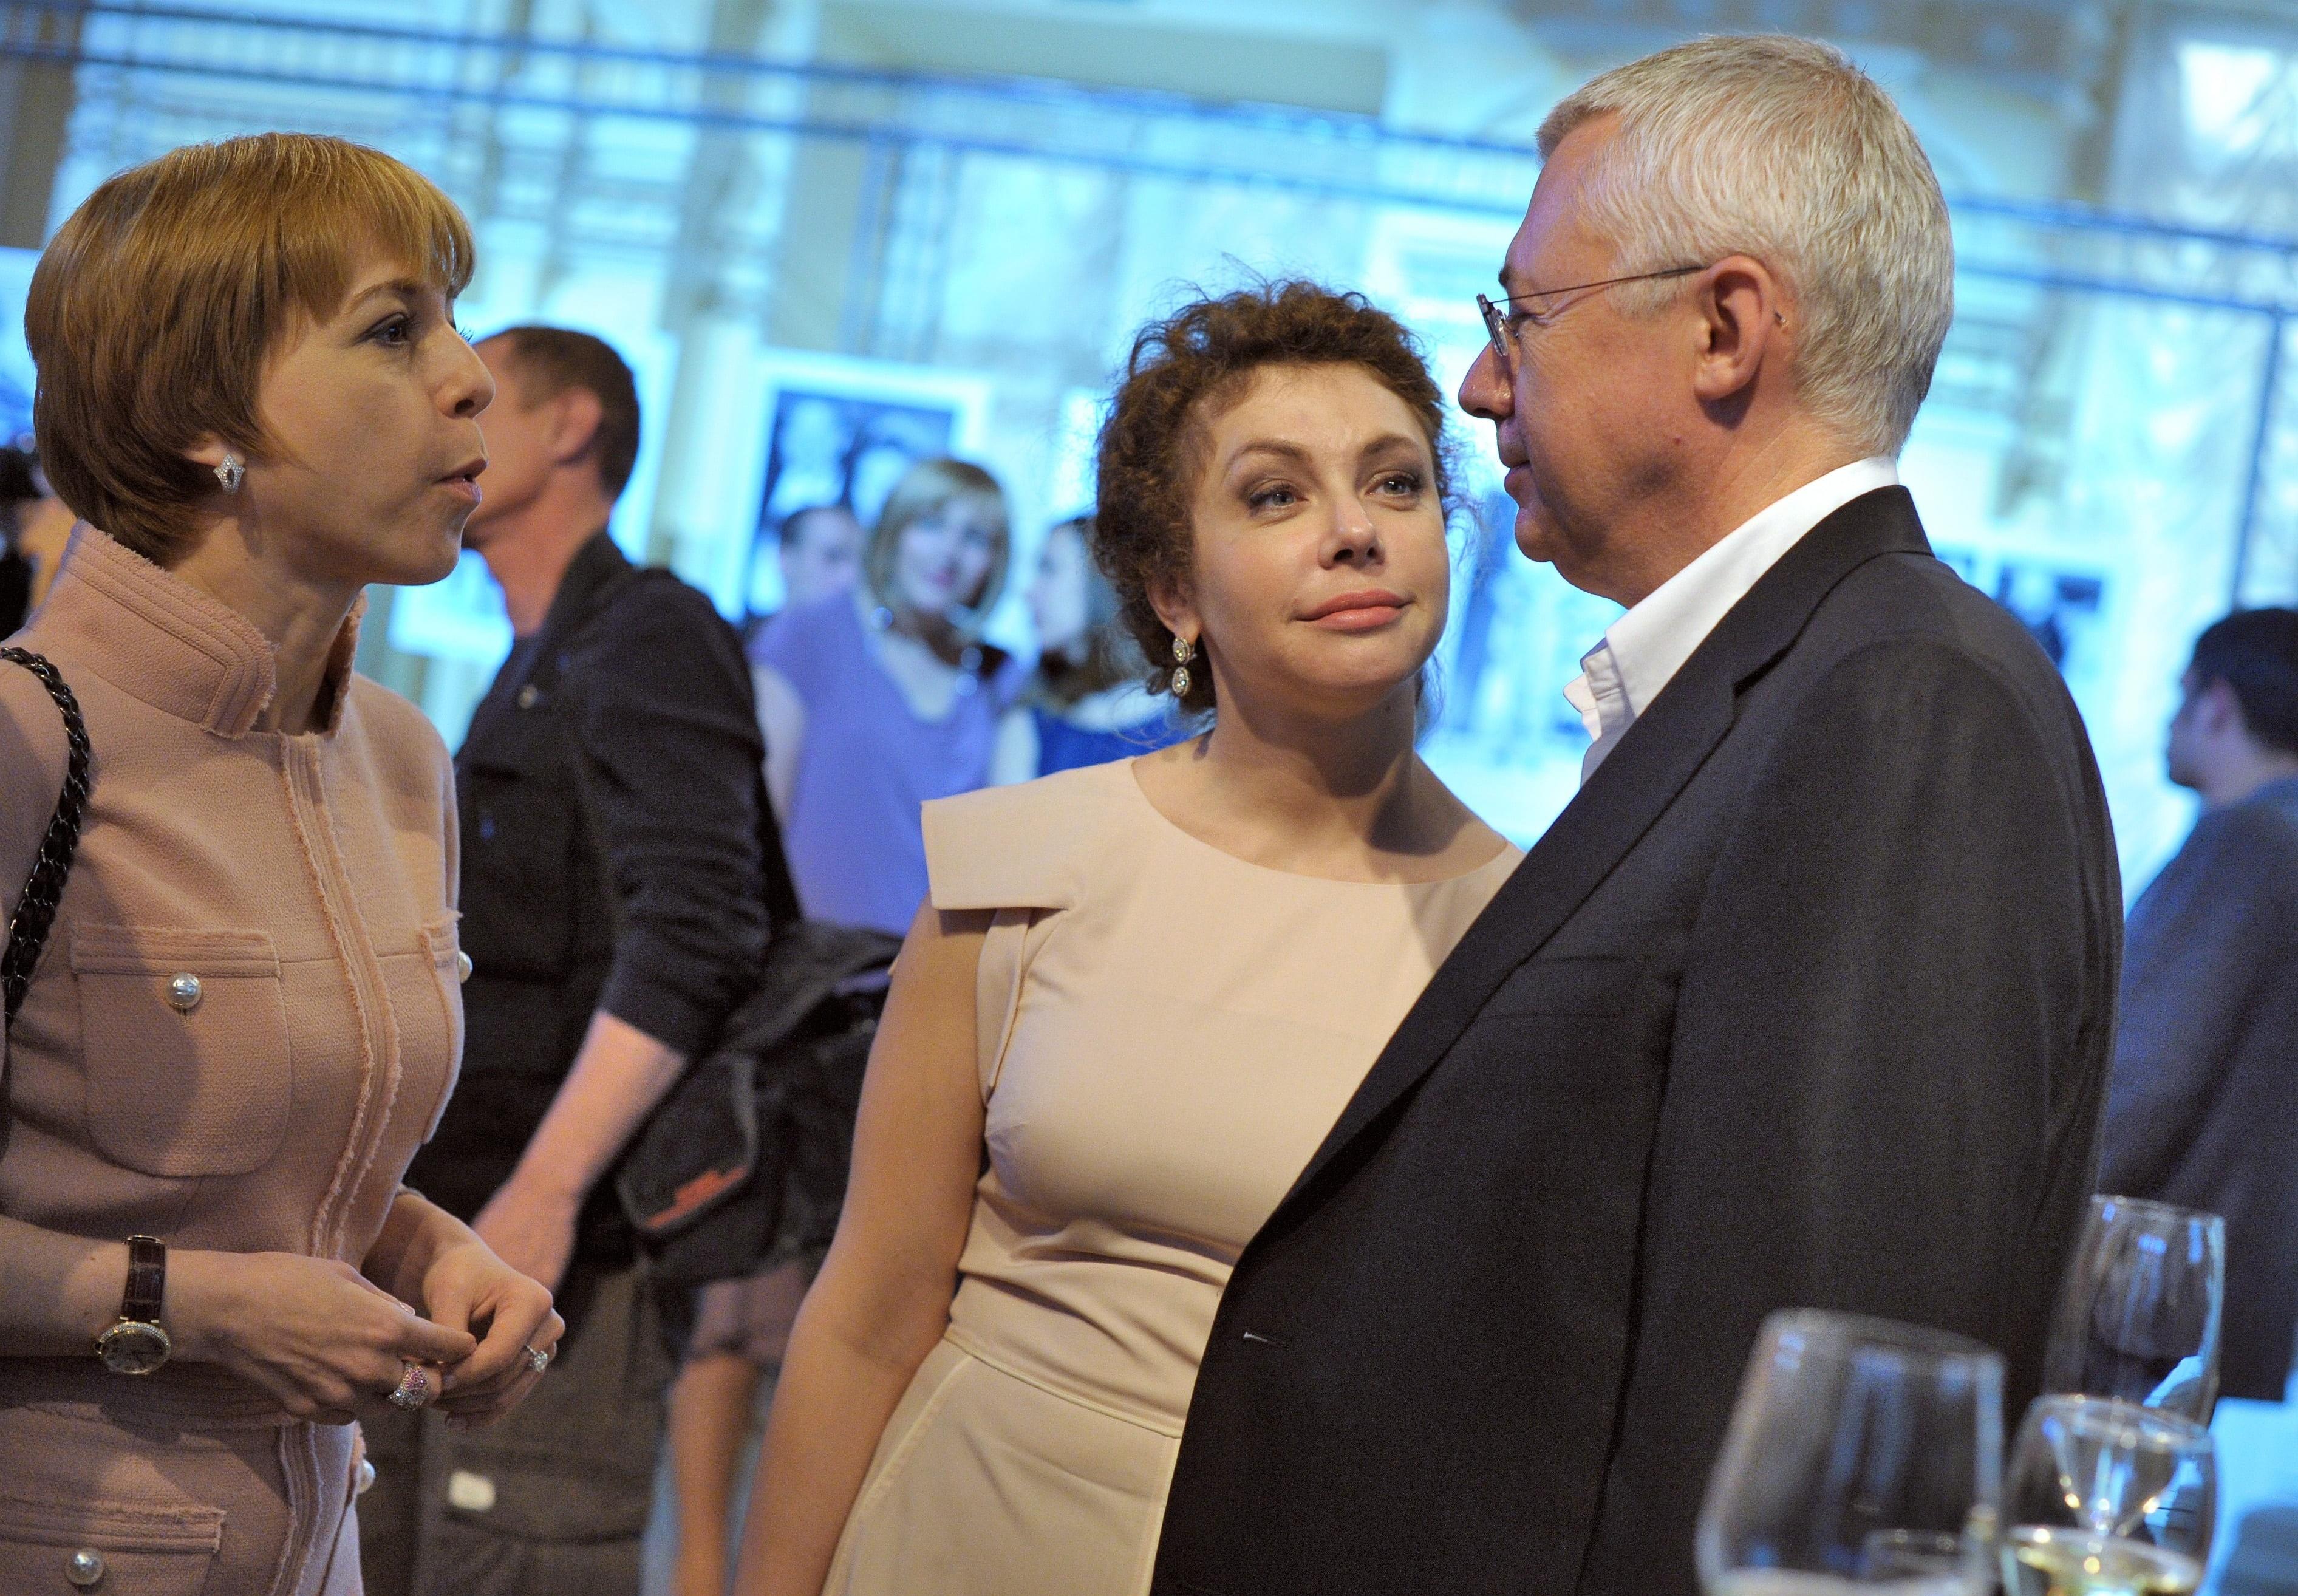 Божена Рынска подтвердила смерть одного из создателей НТВ Малашенко